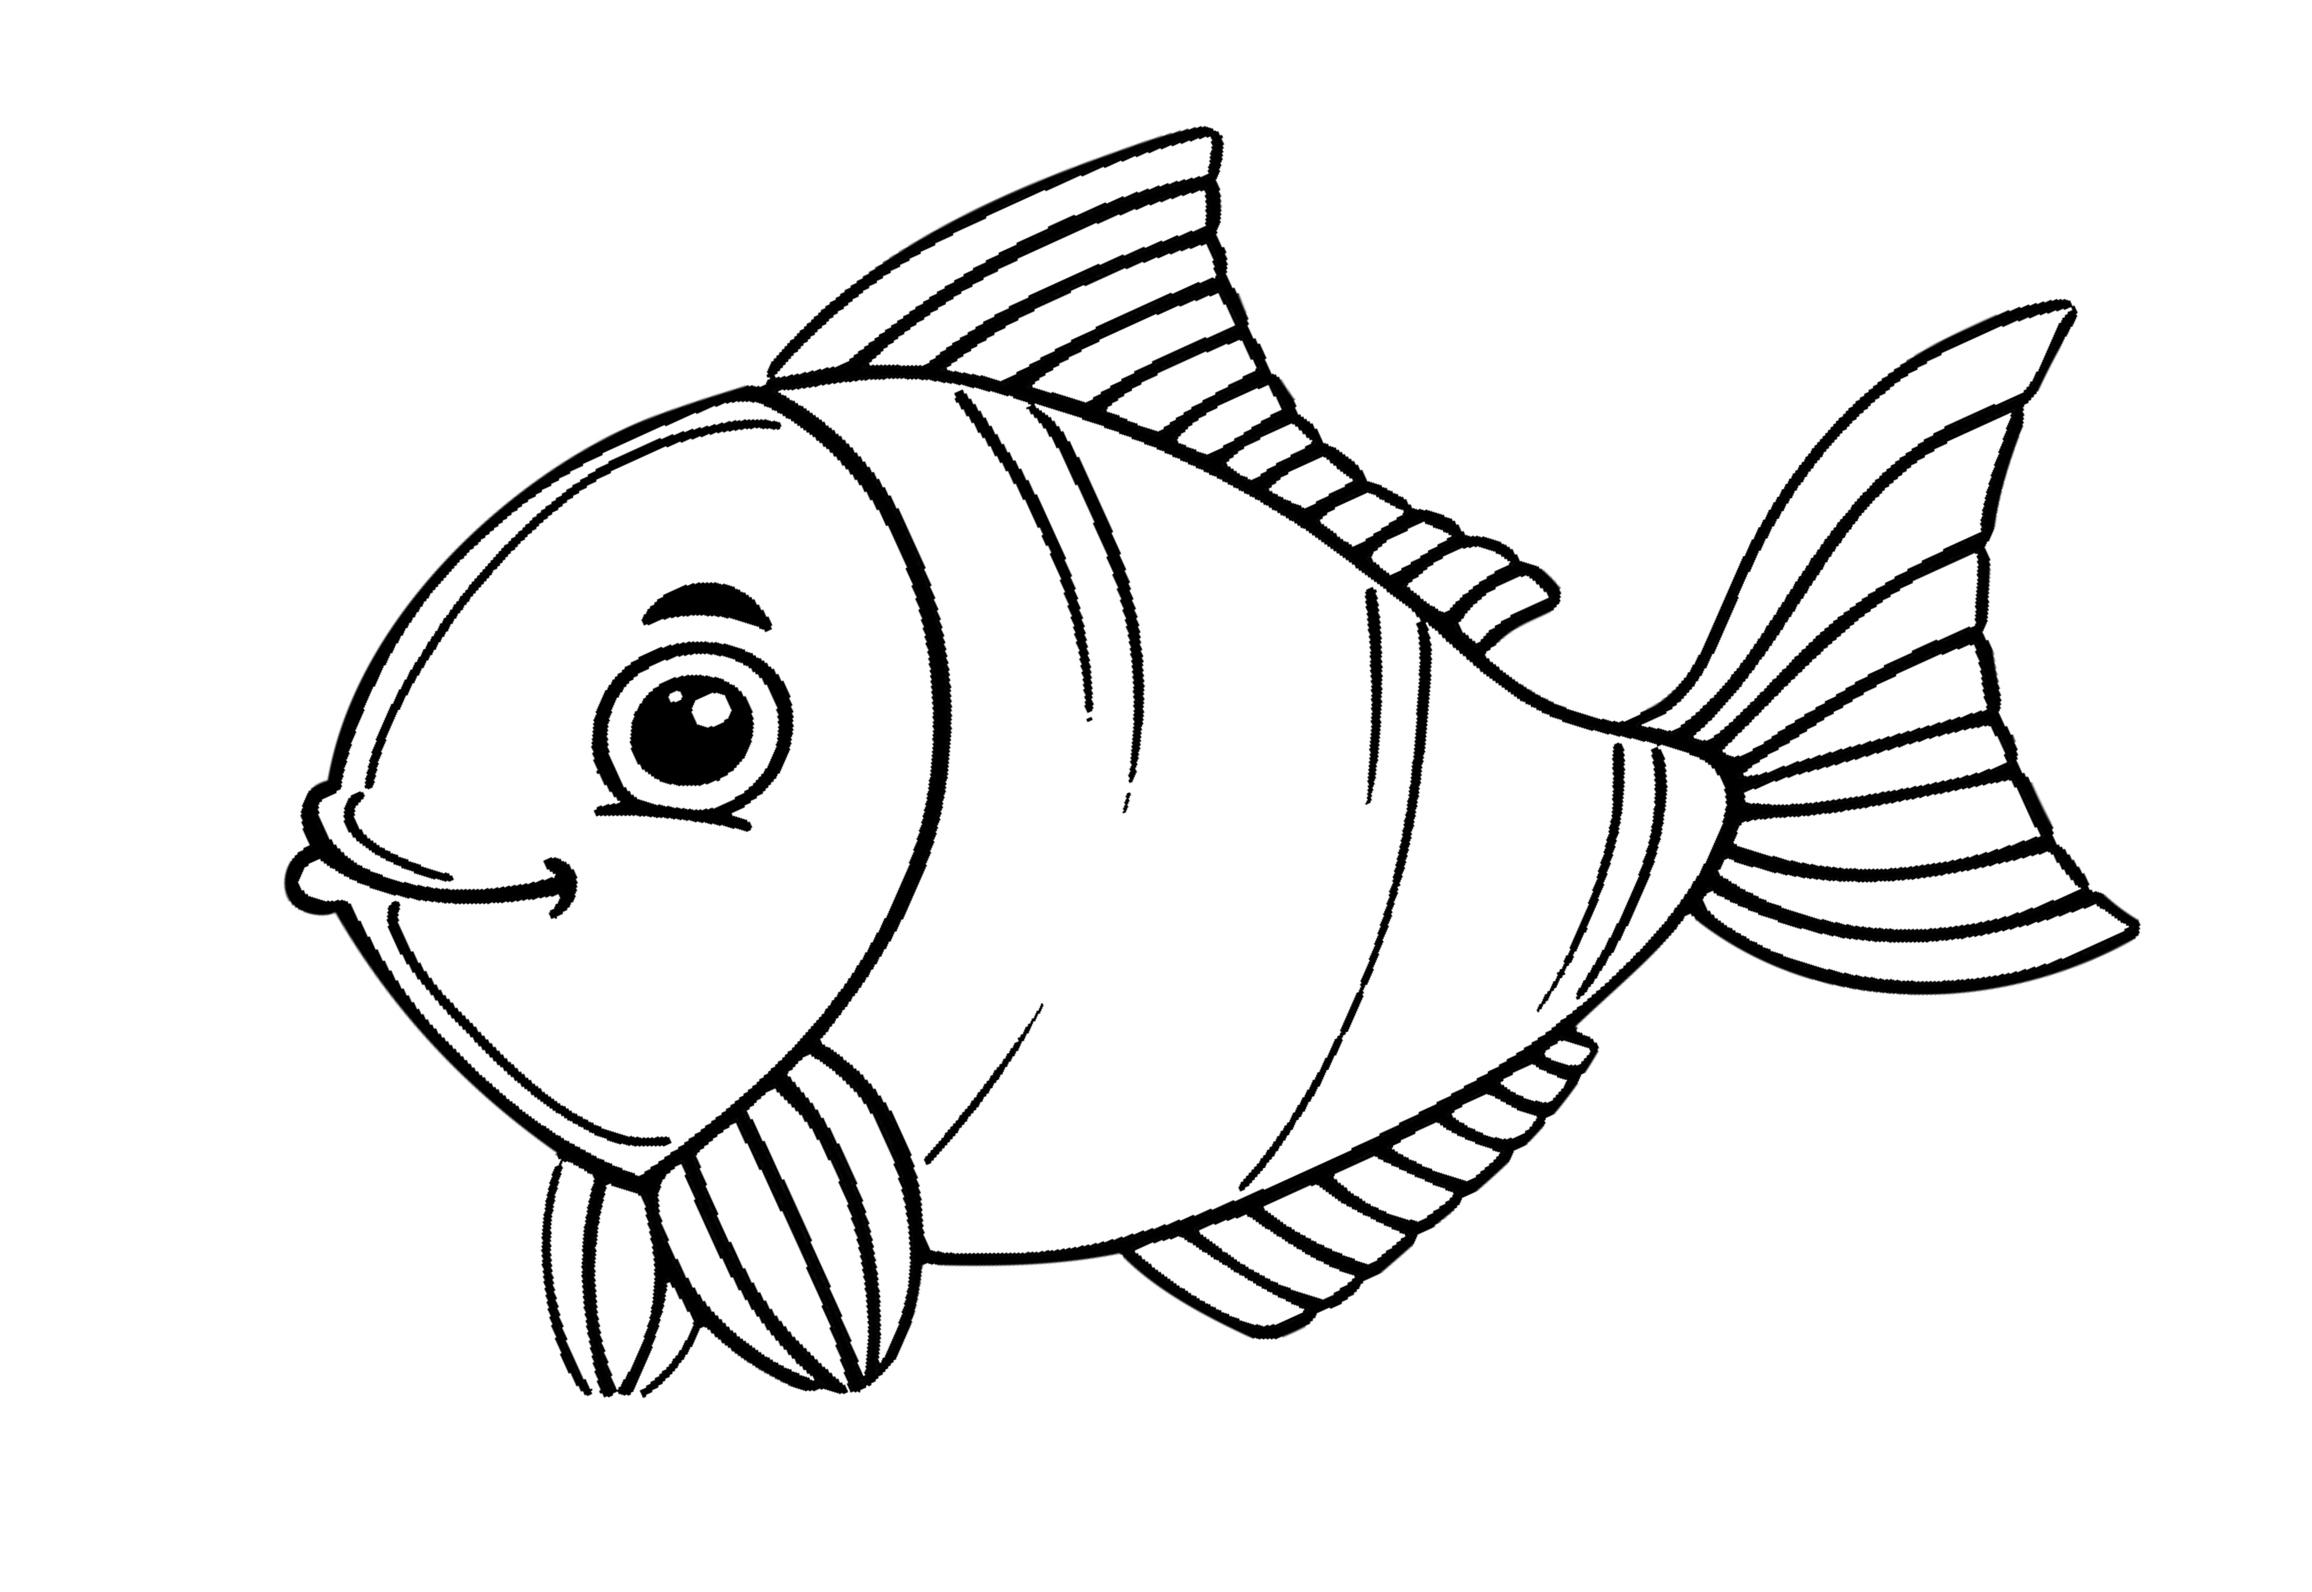 Ausmalbilder Meerestiere - kinderbilderdownload